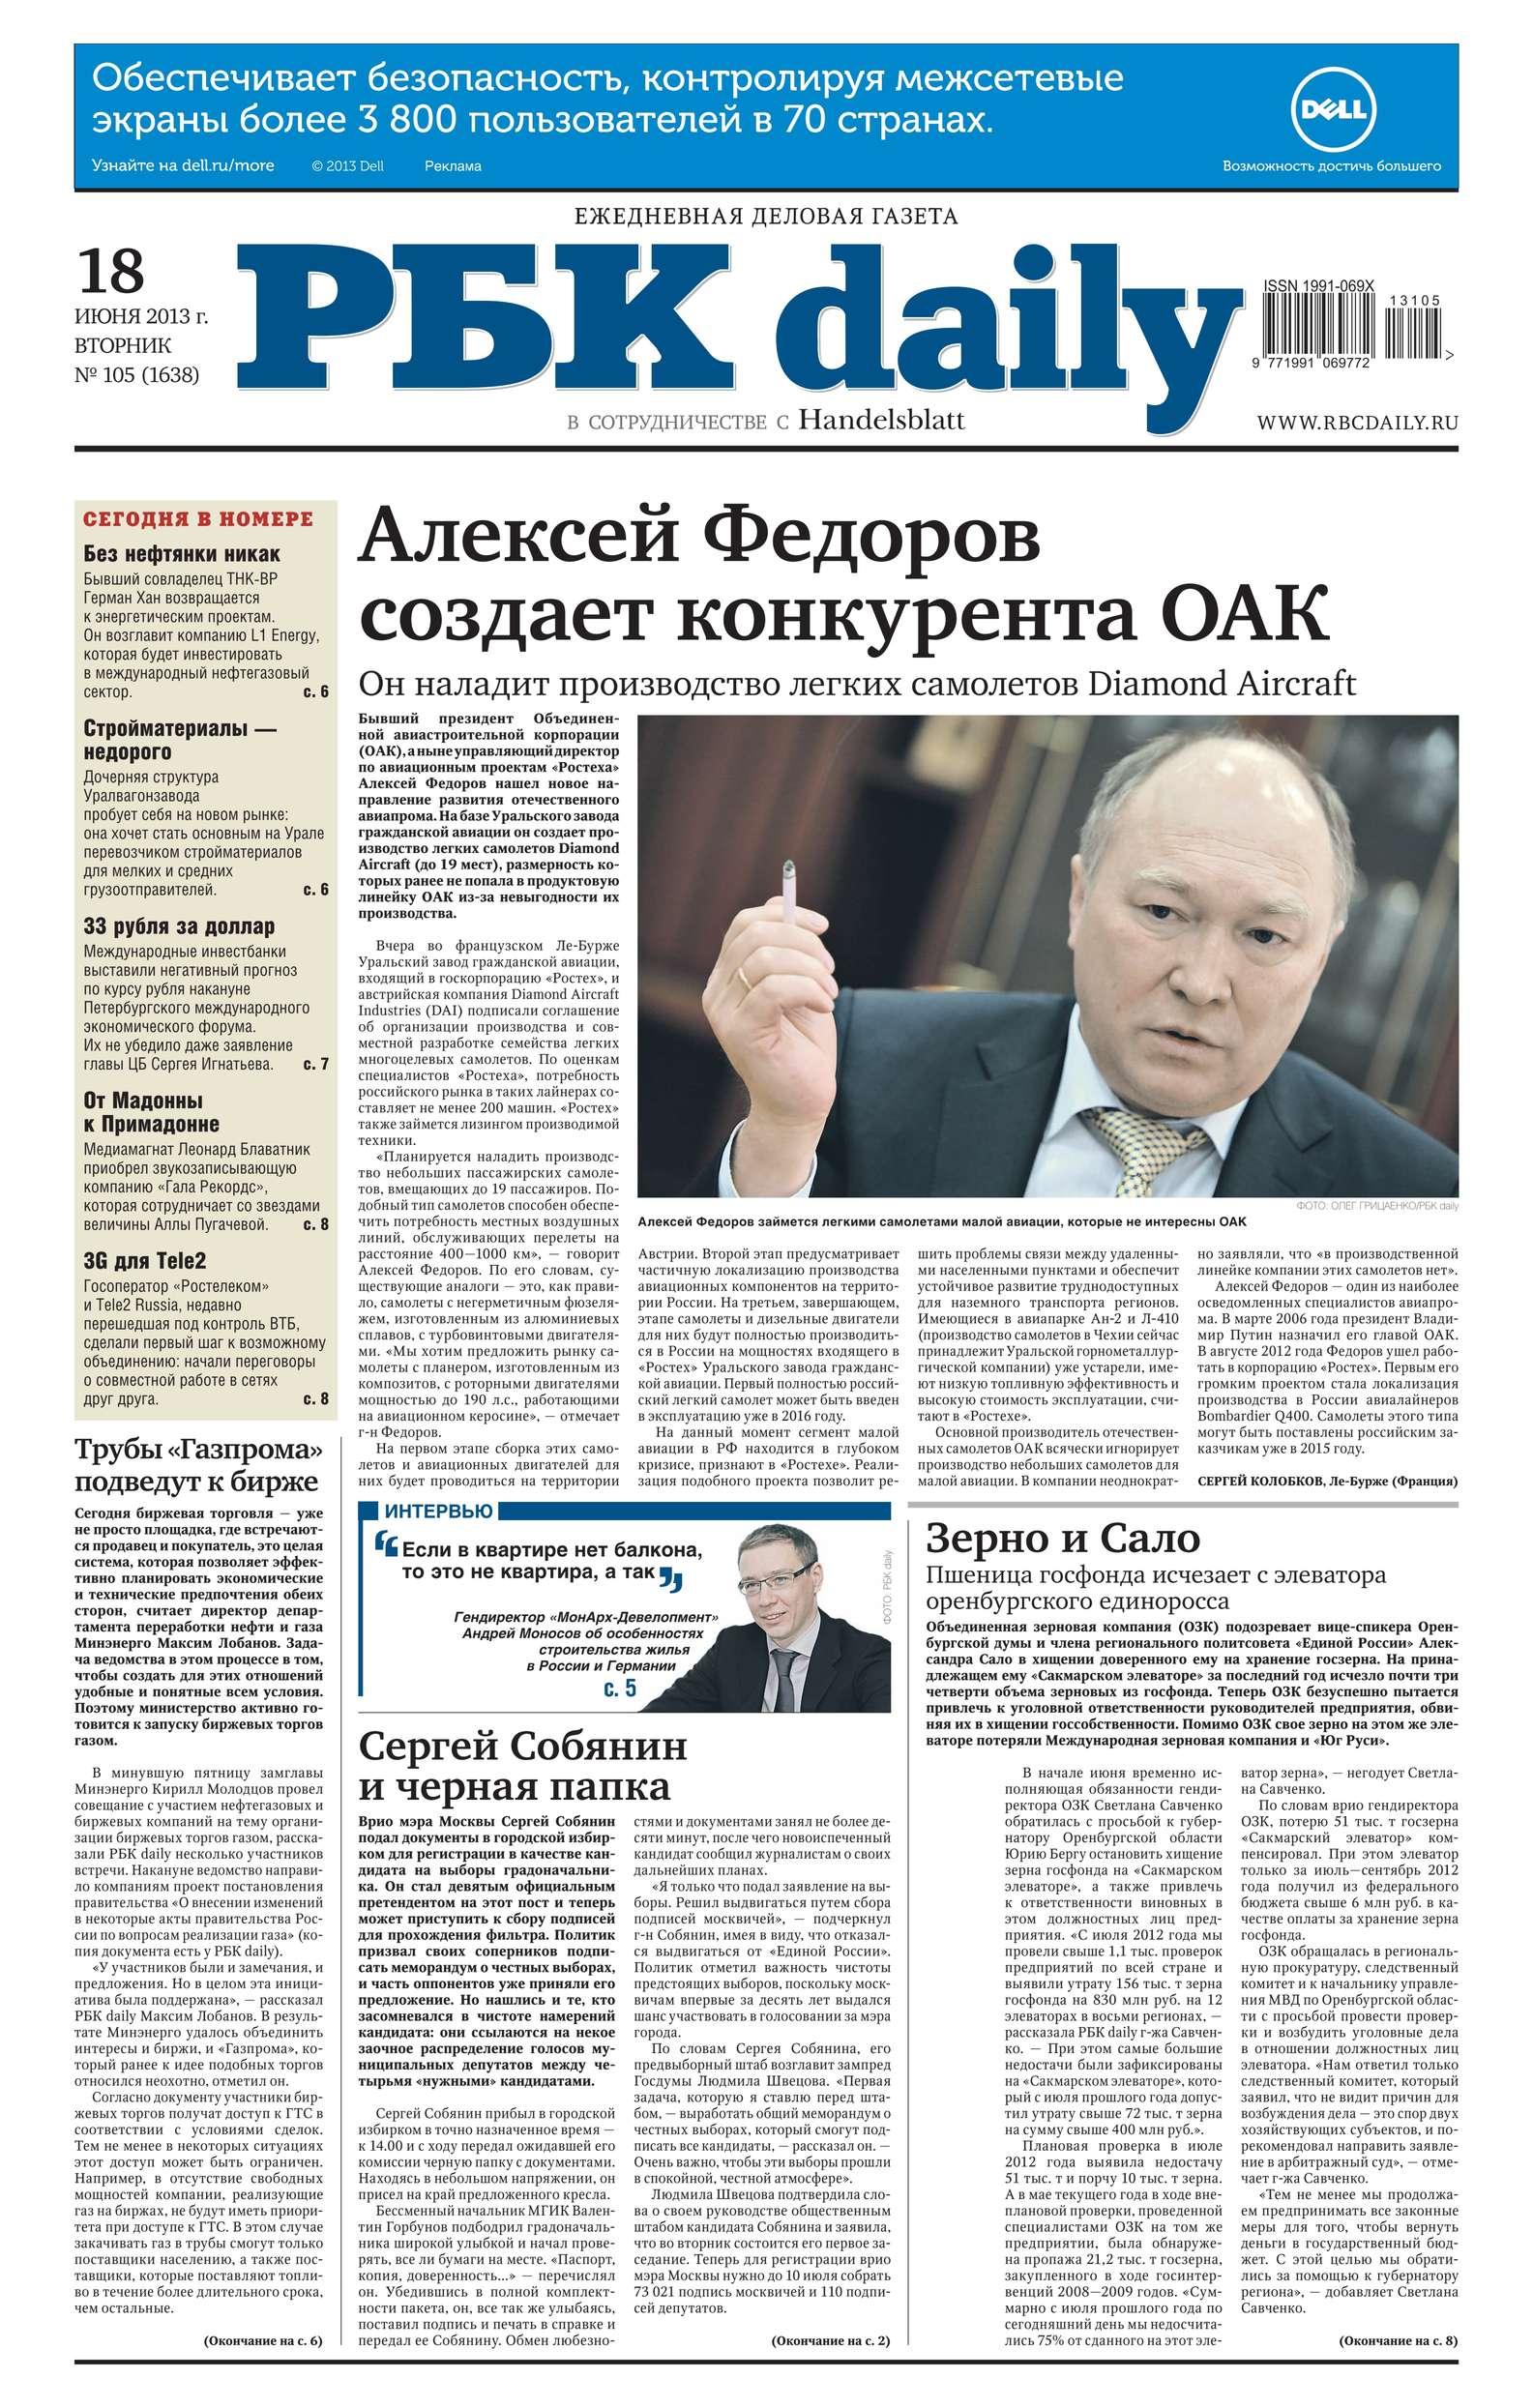 Ежедневная деловая газета 105-2013